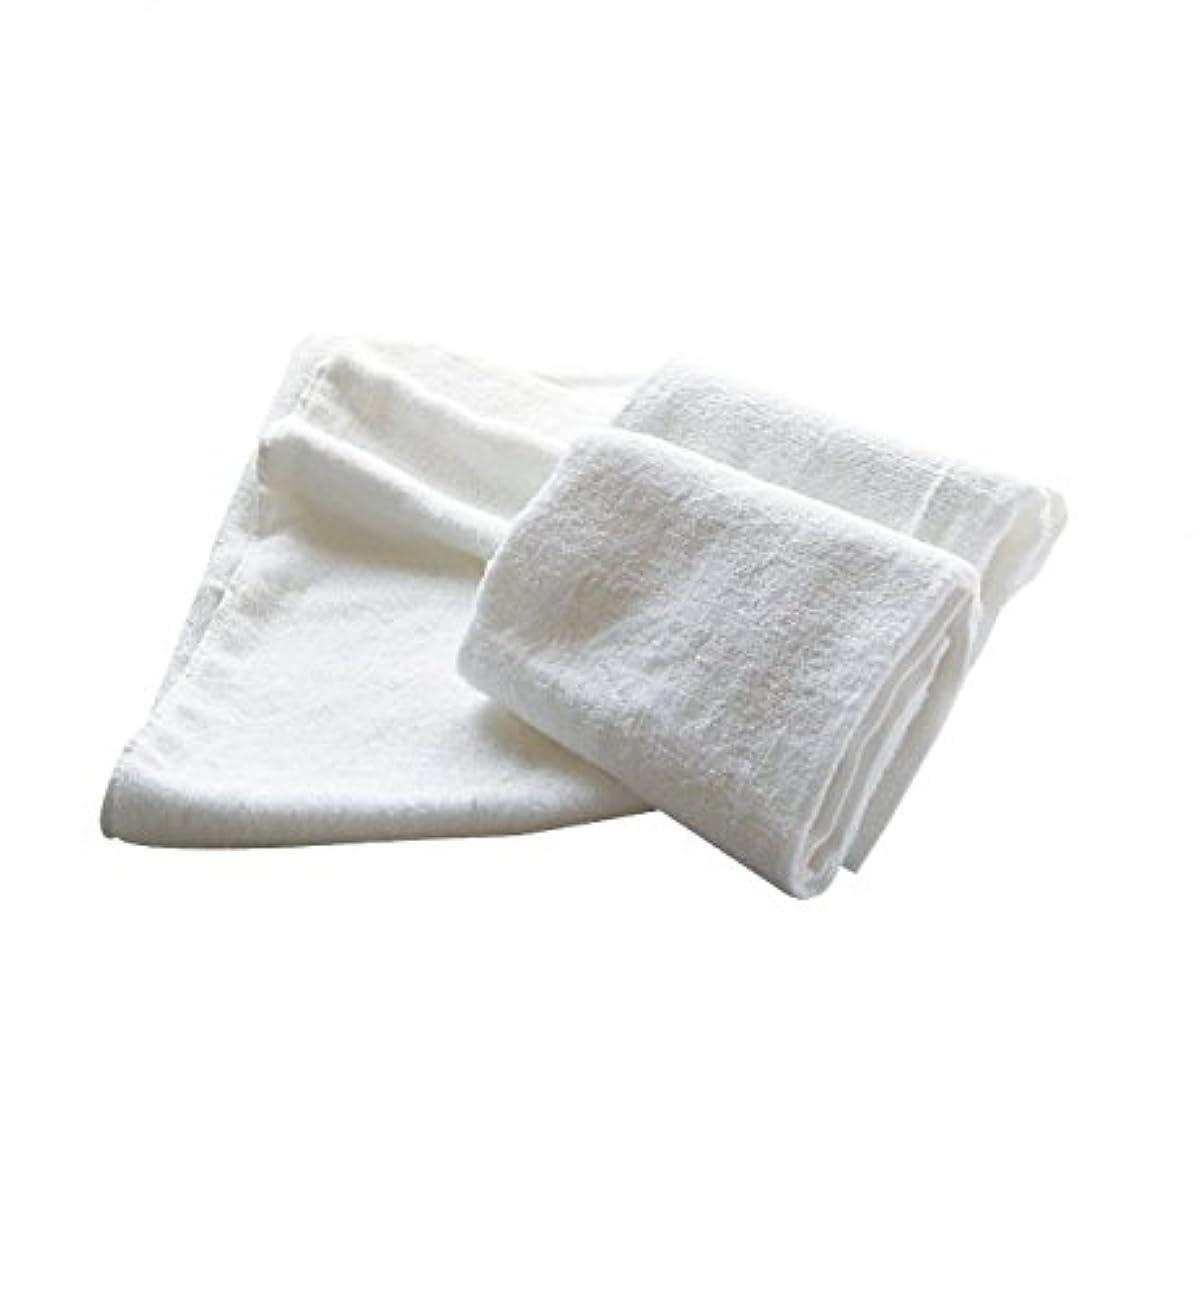 変数スペースお客様まとめ売り やわらか バンブー 竹繊維 タオルケット (ソフトホワイト 10枚) 140×230cm 竹タオル 業務用タオル